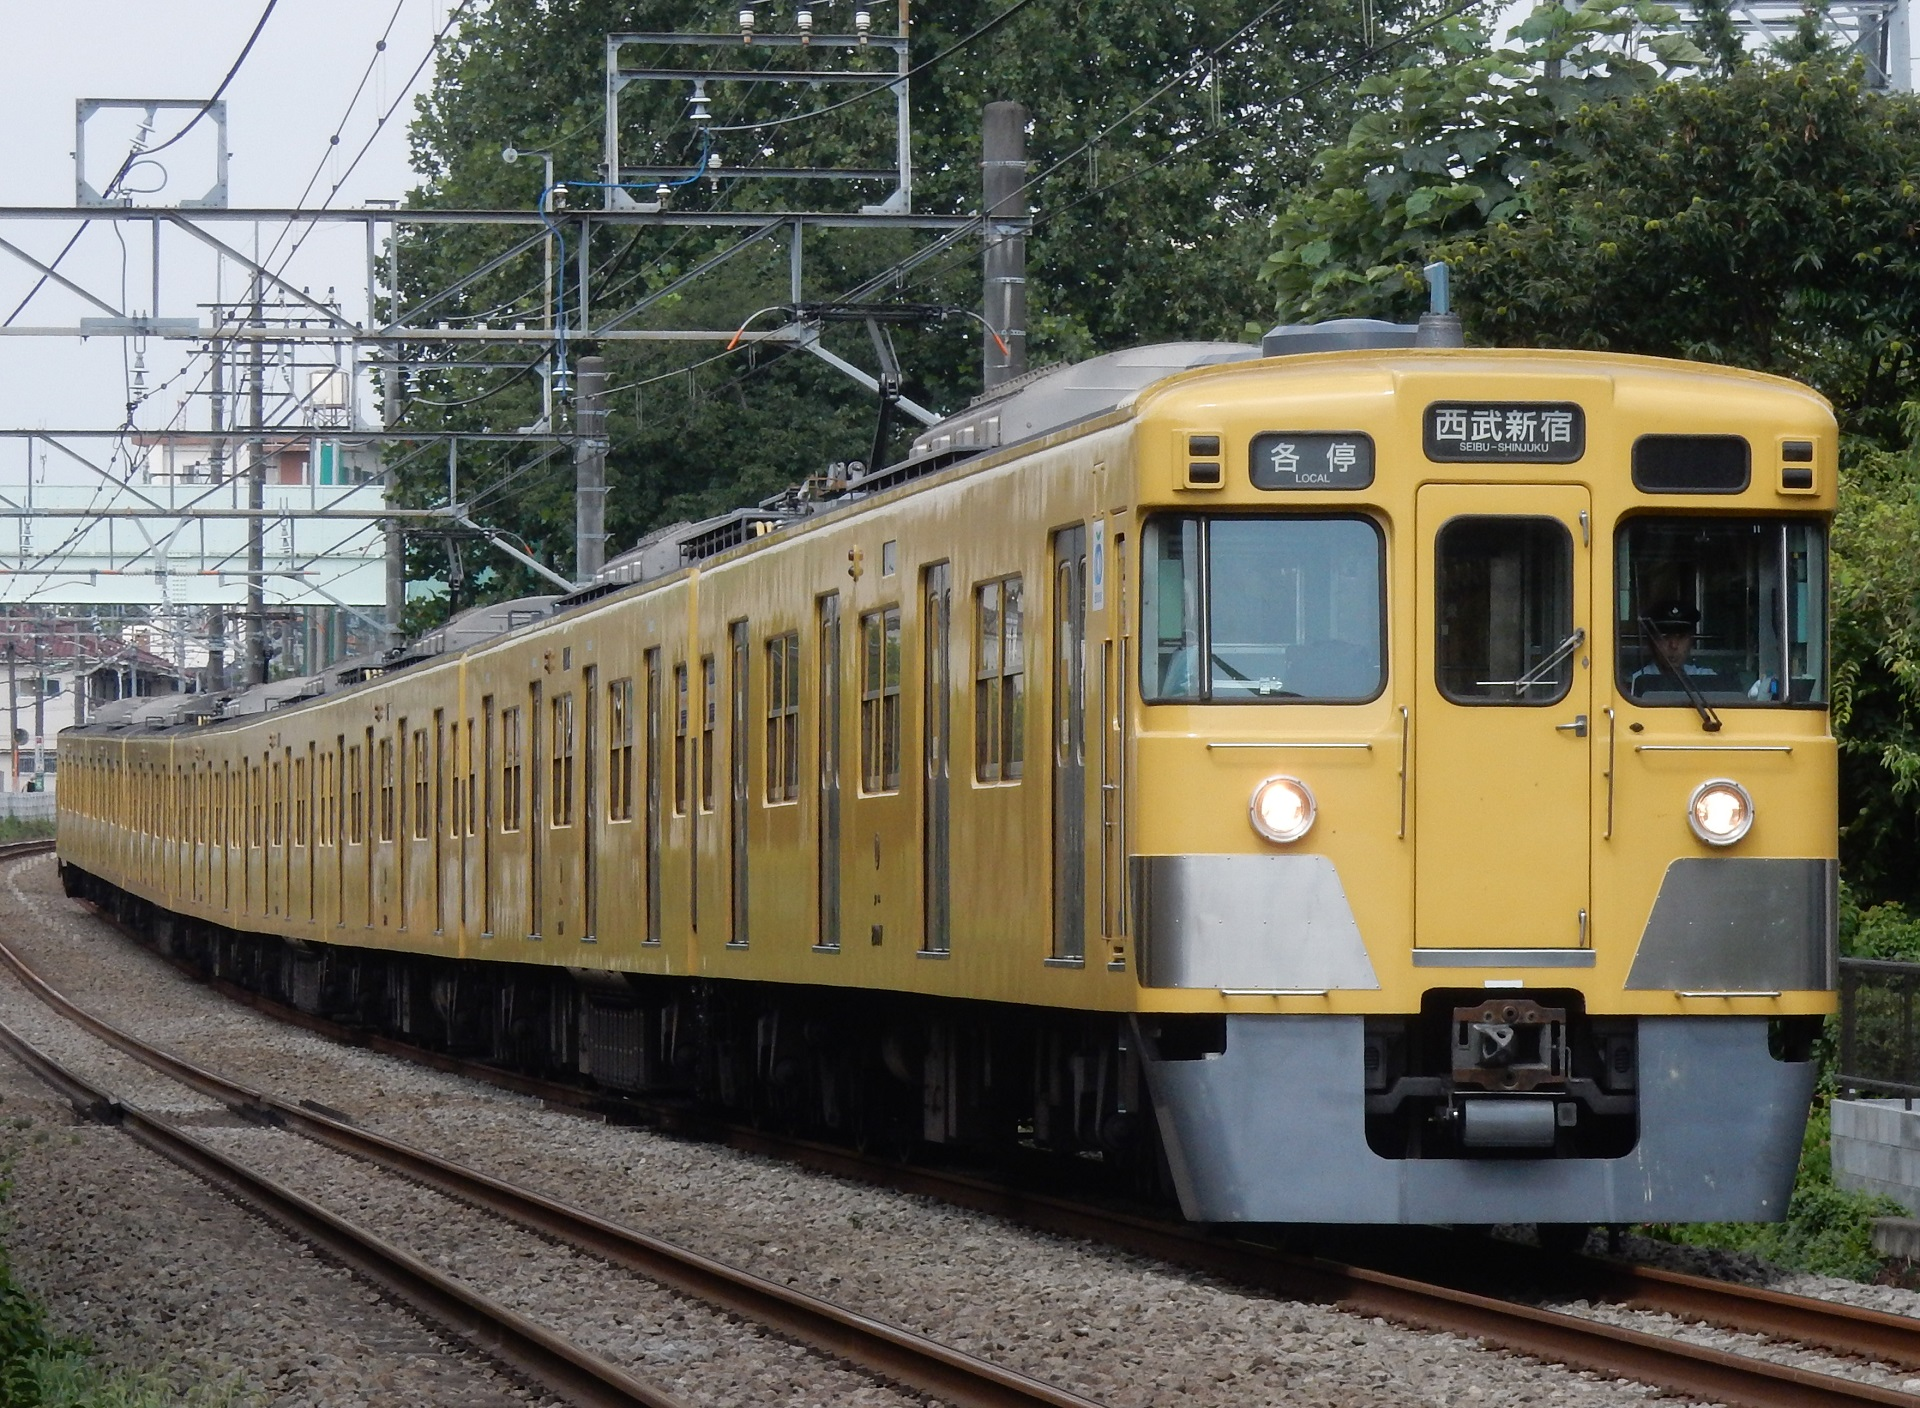 DSCN5002 - コピー